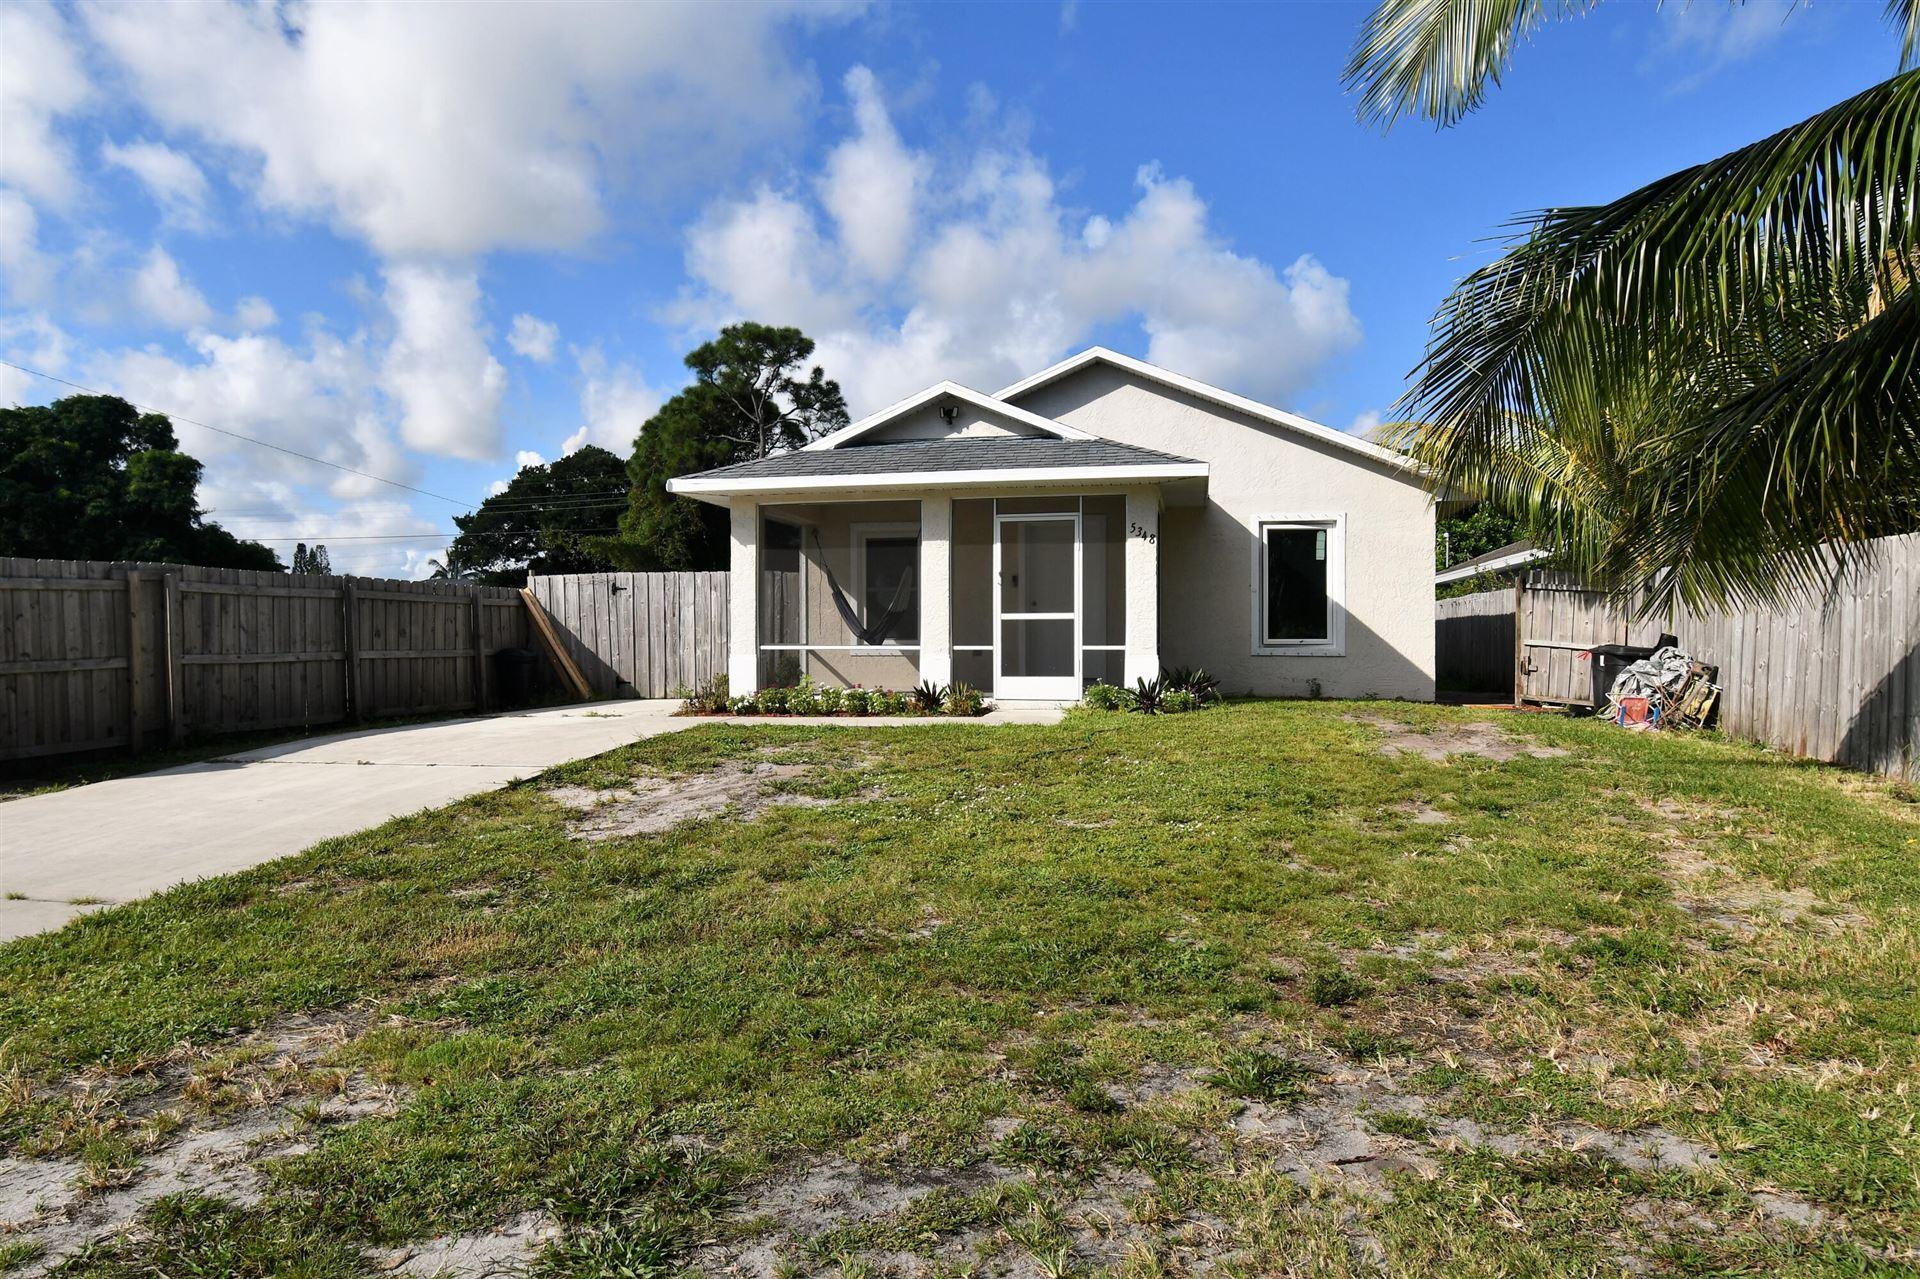 Photo of 5348 SE Driftwood Avenue, Stuart, FL 34997 (MLS # RX-10754029)